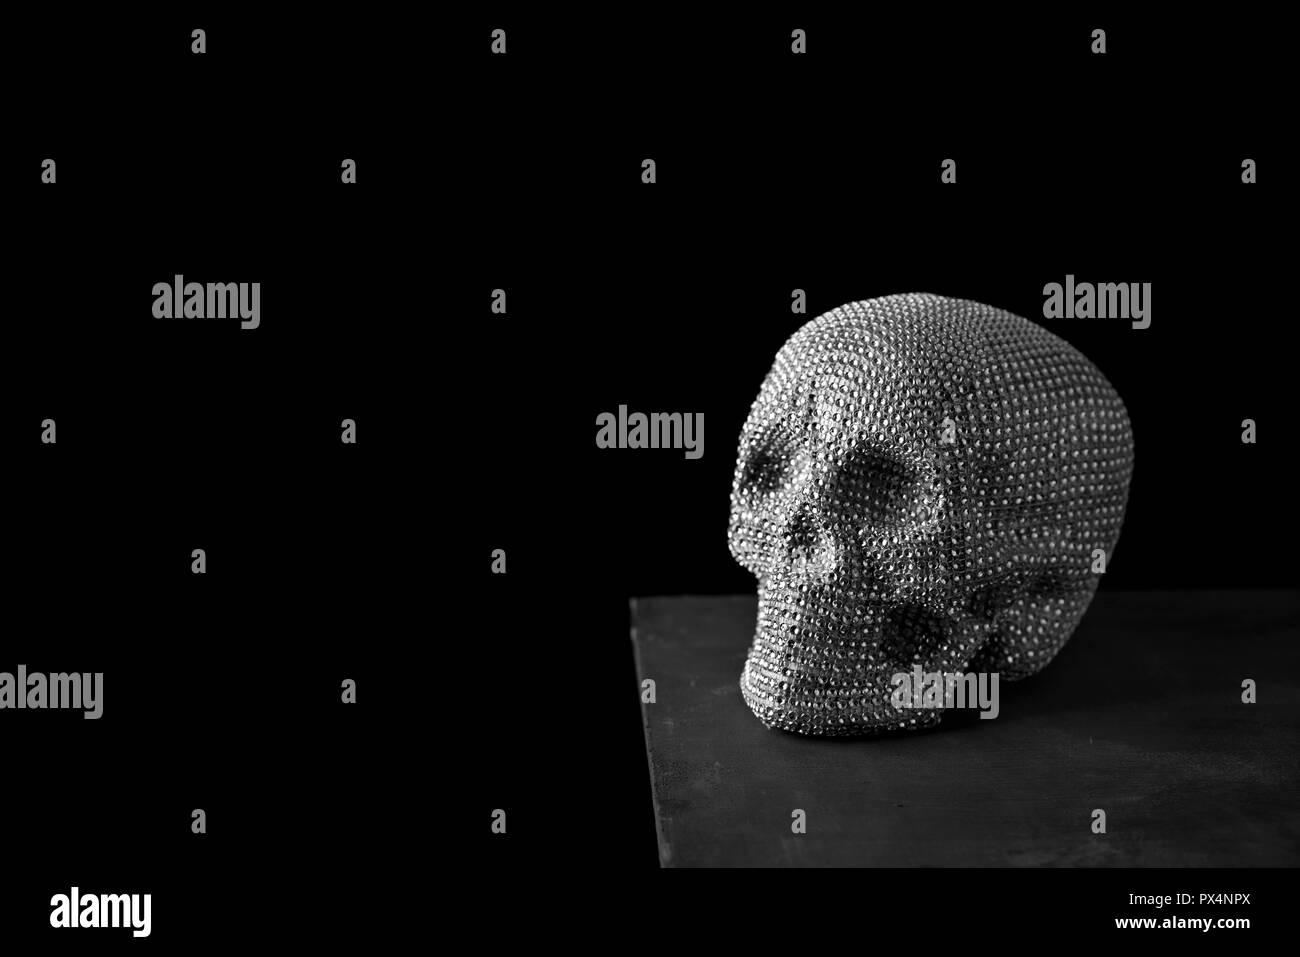 Primo piano di un cranio scintillanti su un grigio scuro superficie contro uno sfondo nero con un po' di spazio vuoto sulla sinistra Immagini Stock